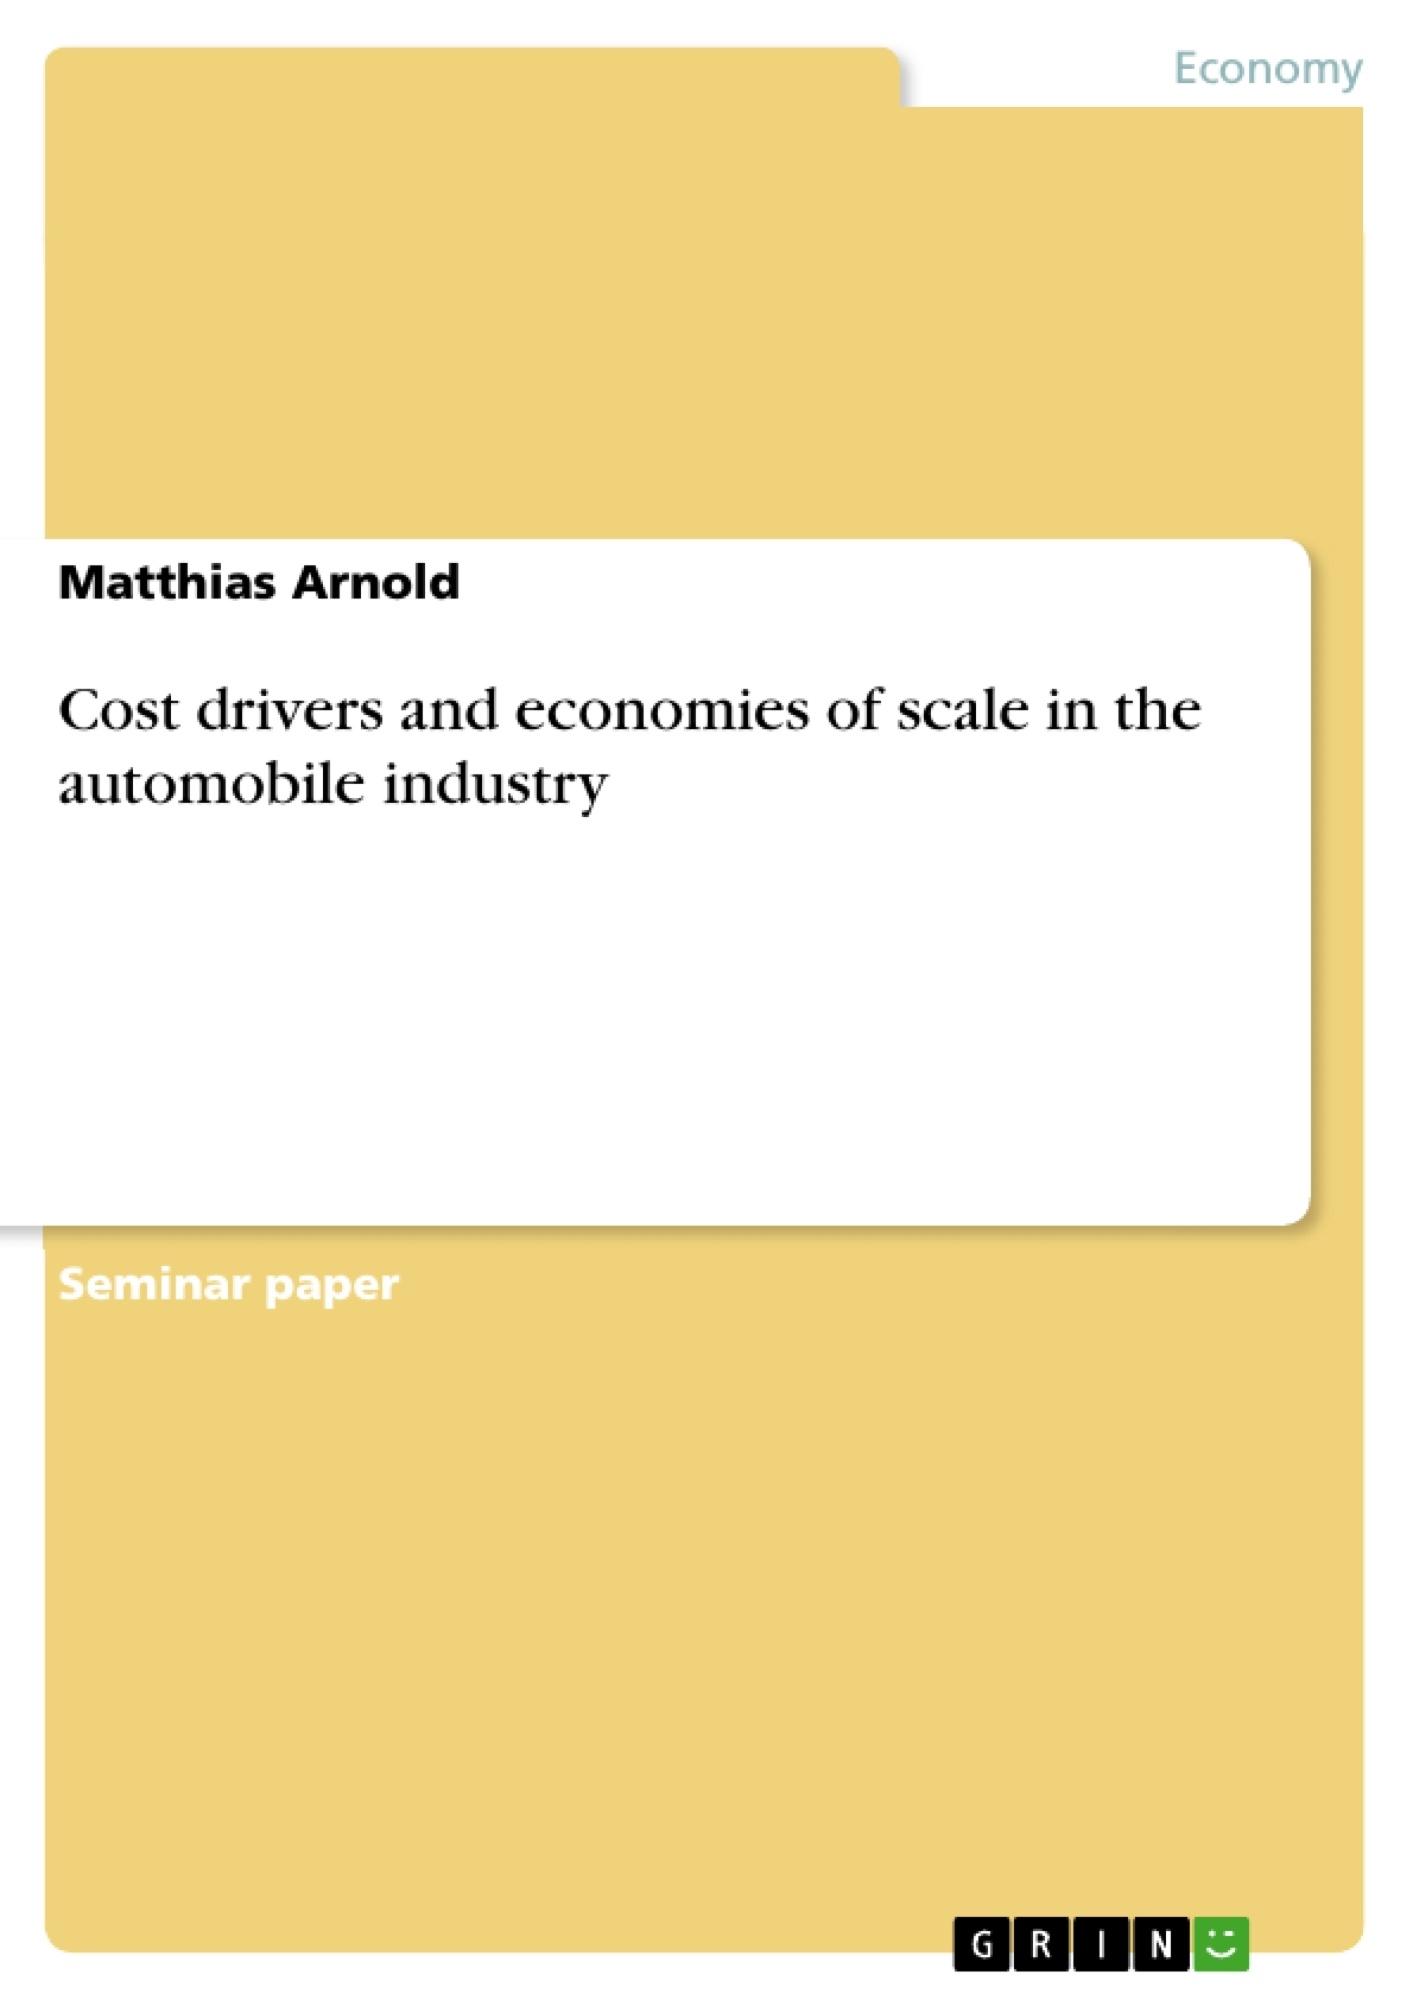 essay economy auto 91 121 113 106 essay economy auto